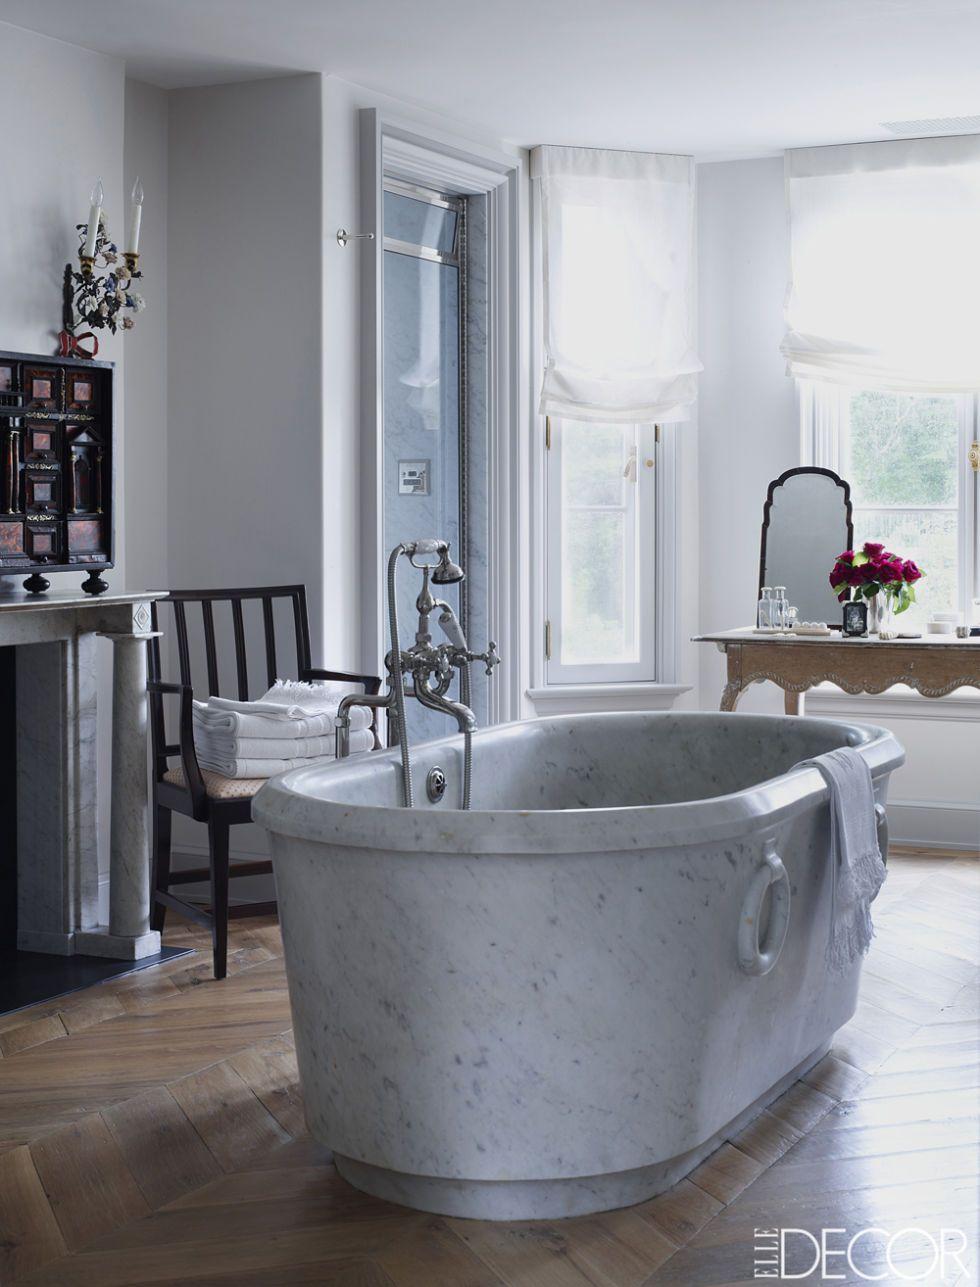 Breathtaking European inspired elegantly designed room by Emma Pilkington on Hello Lovely Studio